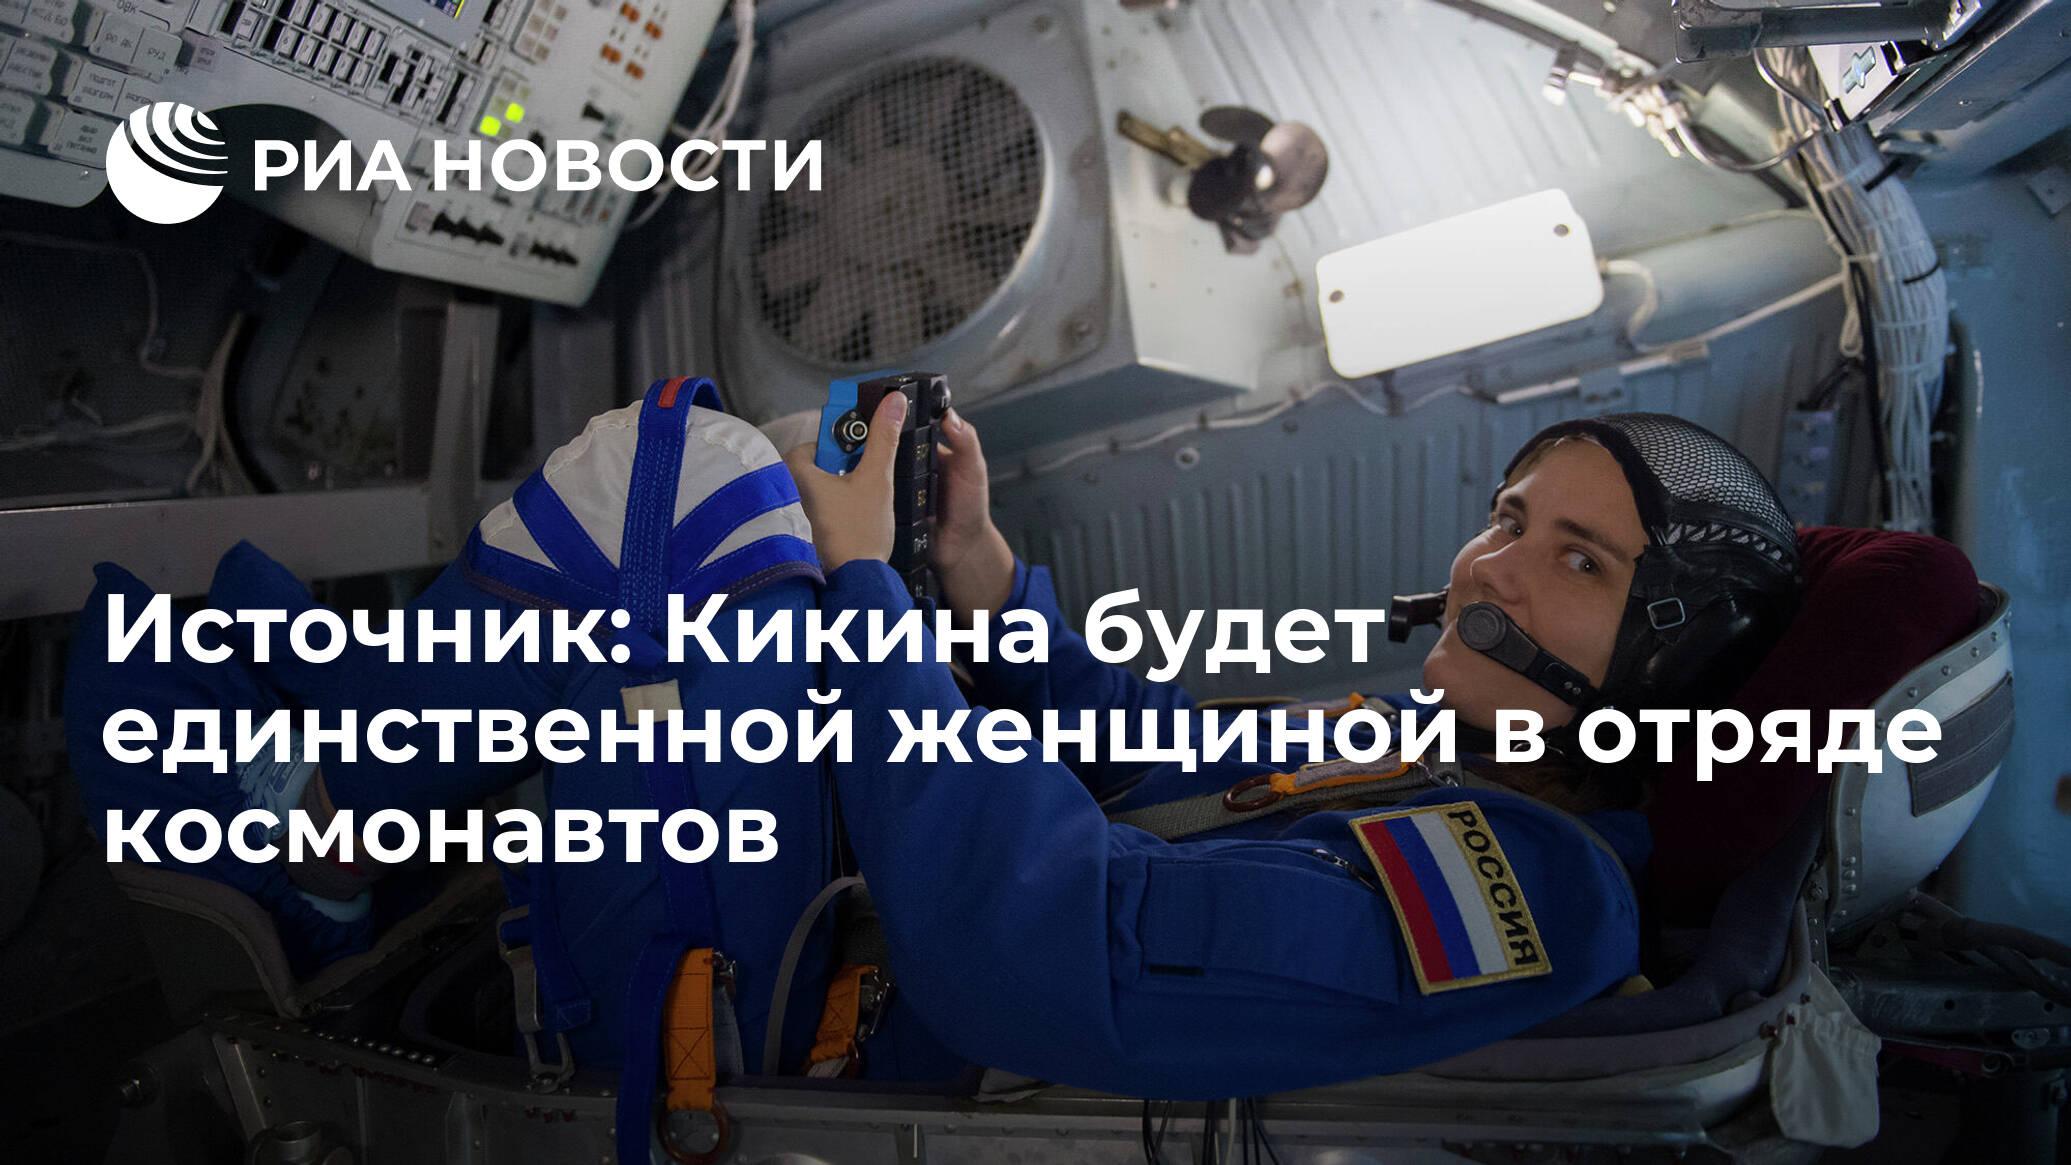 Источник: Кикина будет единственной женщиной в отряде космонавтов